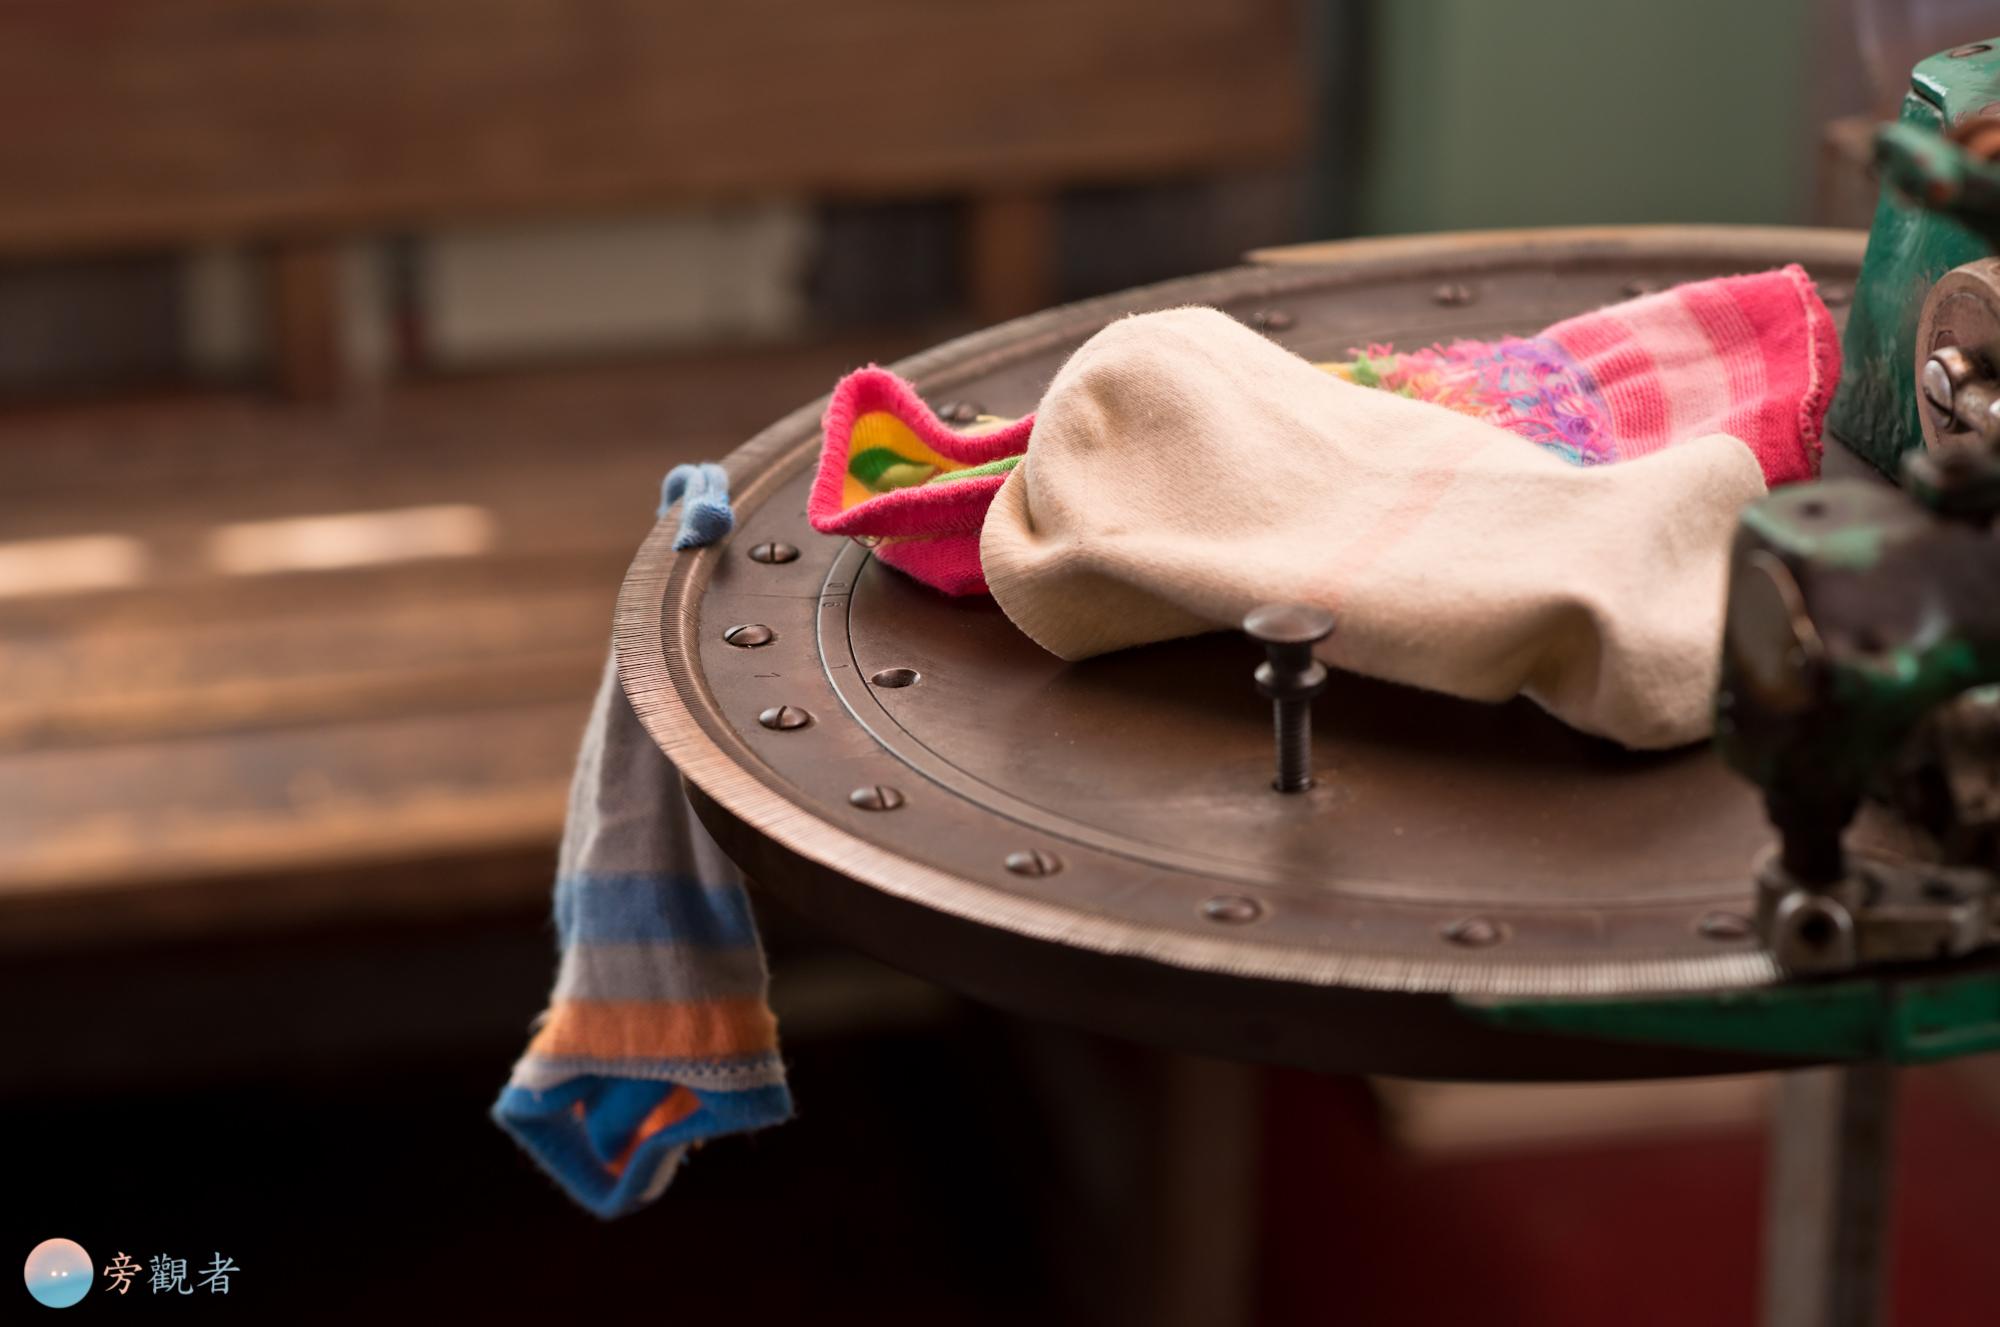 日治時期的老建築「同仁社」在織襪重鎮社頭鄉被作為織襪文物館之用,展示了不同年代的織襪機器。這一台由細針頭圓盤構成的機器為手工縫合襪子使用。彰化社頭。2018/4/11